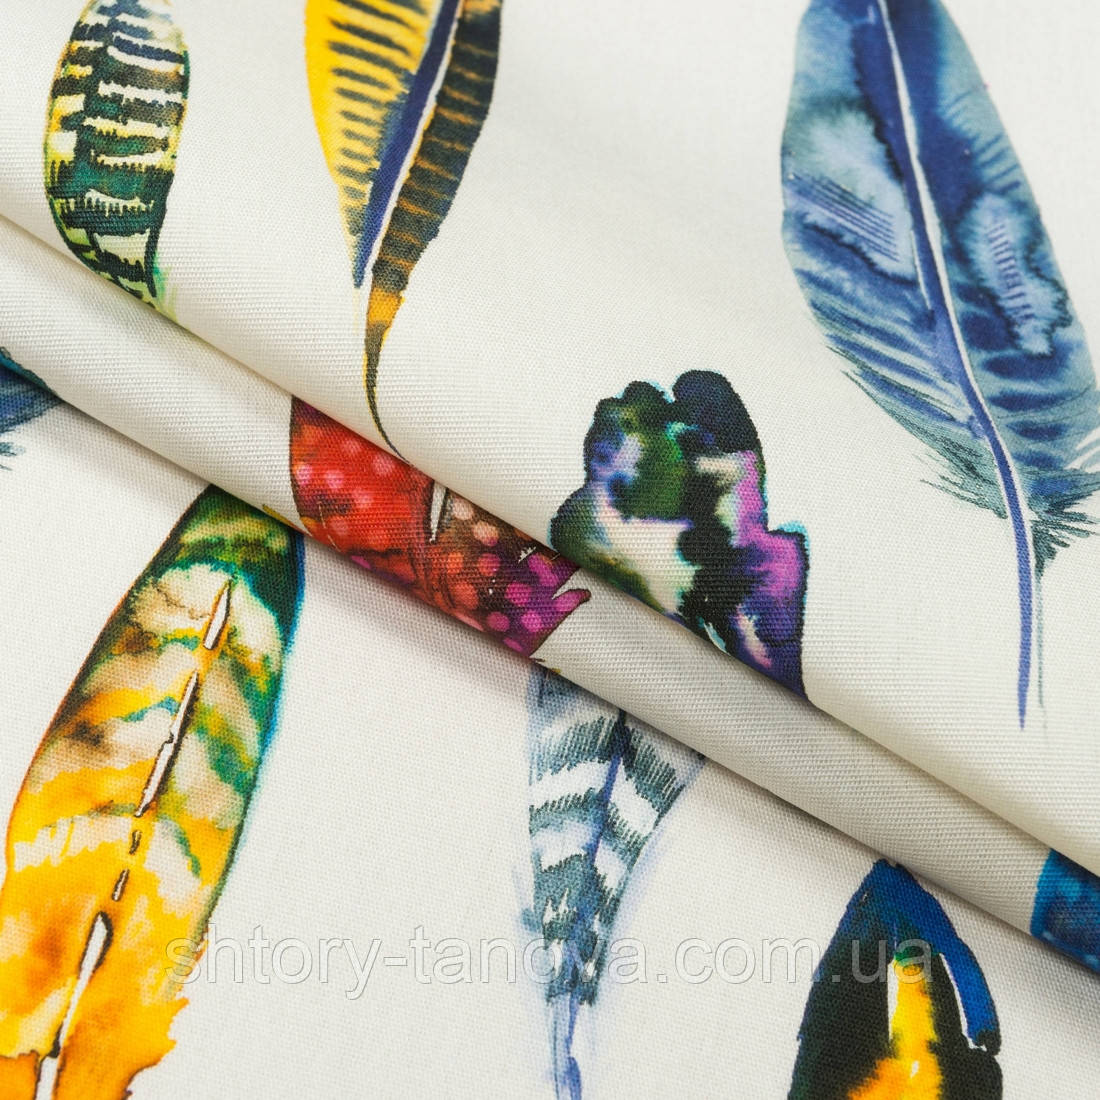 Ткань для бескаркасных кресел Дралон принт синд/sund белый с принтом перья цветные